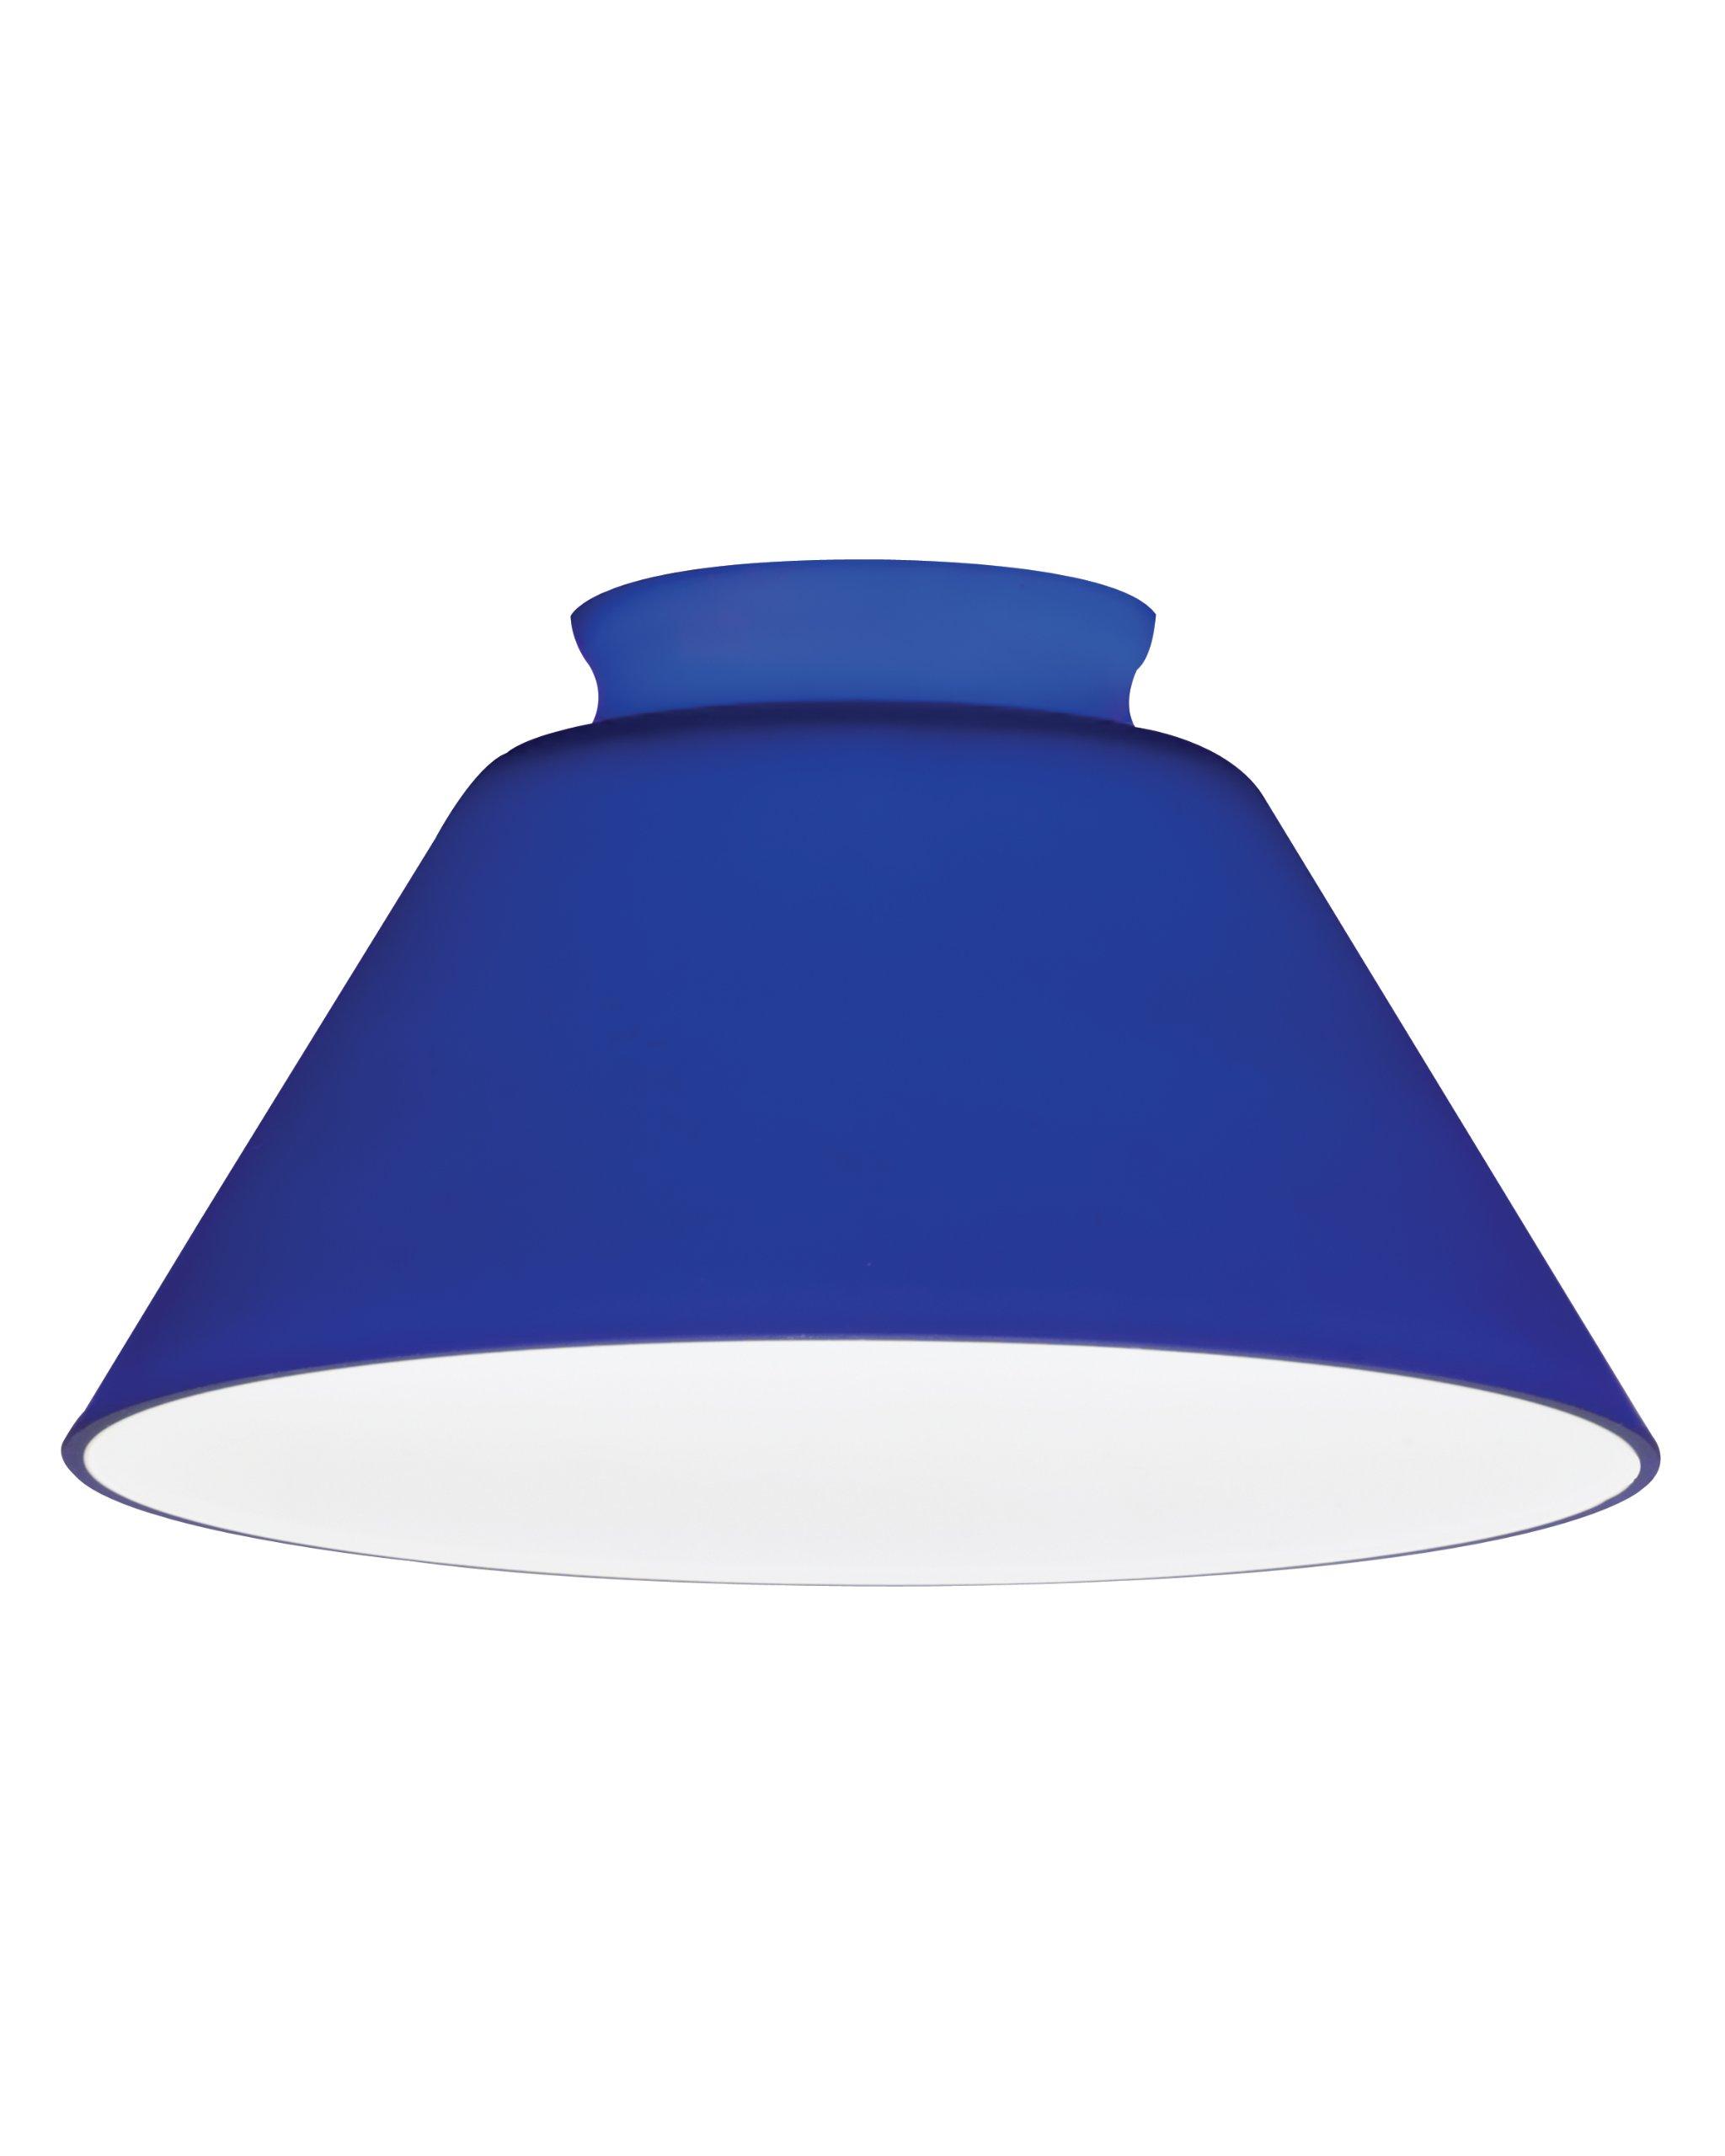 Lithonia Lighting DCNE 1006 M6 Decorative Cone Shade, Cobalt Blue